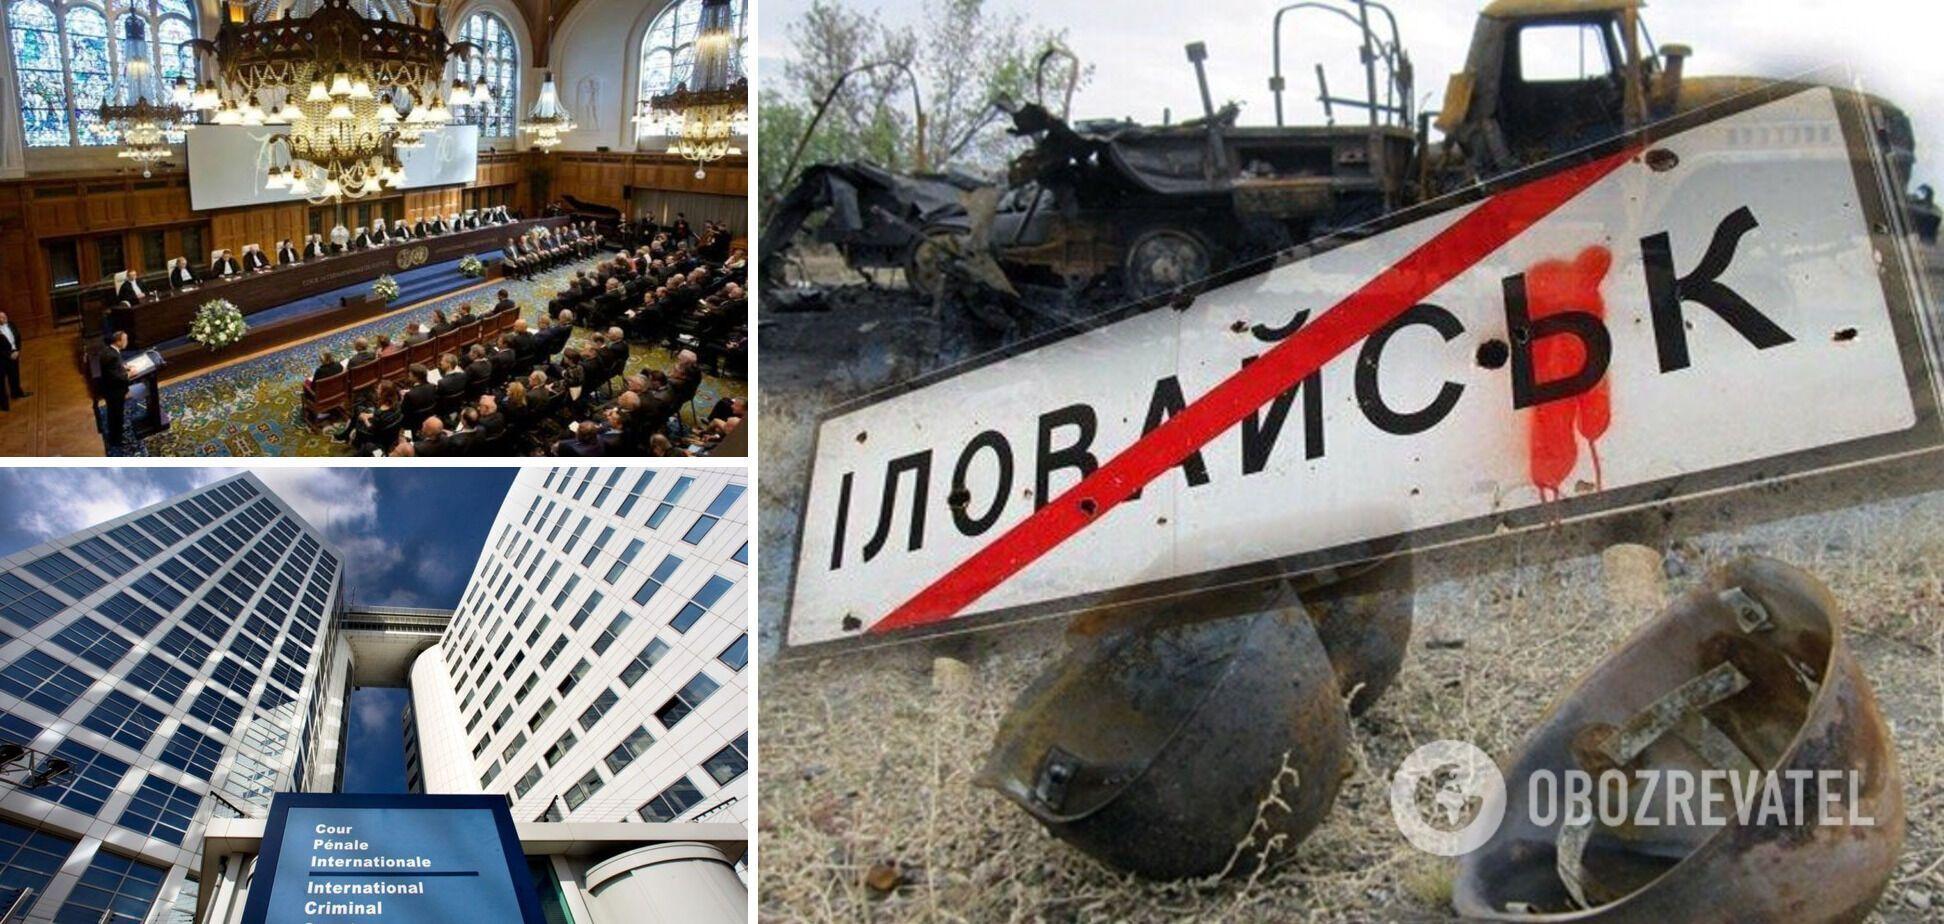 Міжнародний кримінальний суд - одна із загроз для України в гібридній війні?